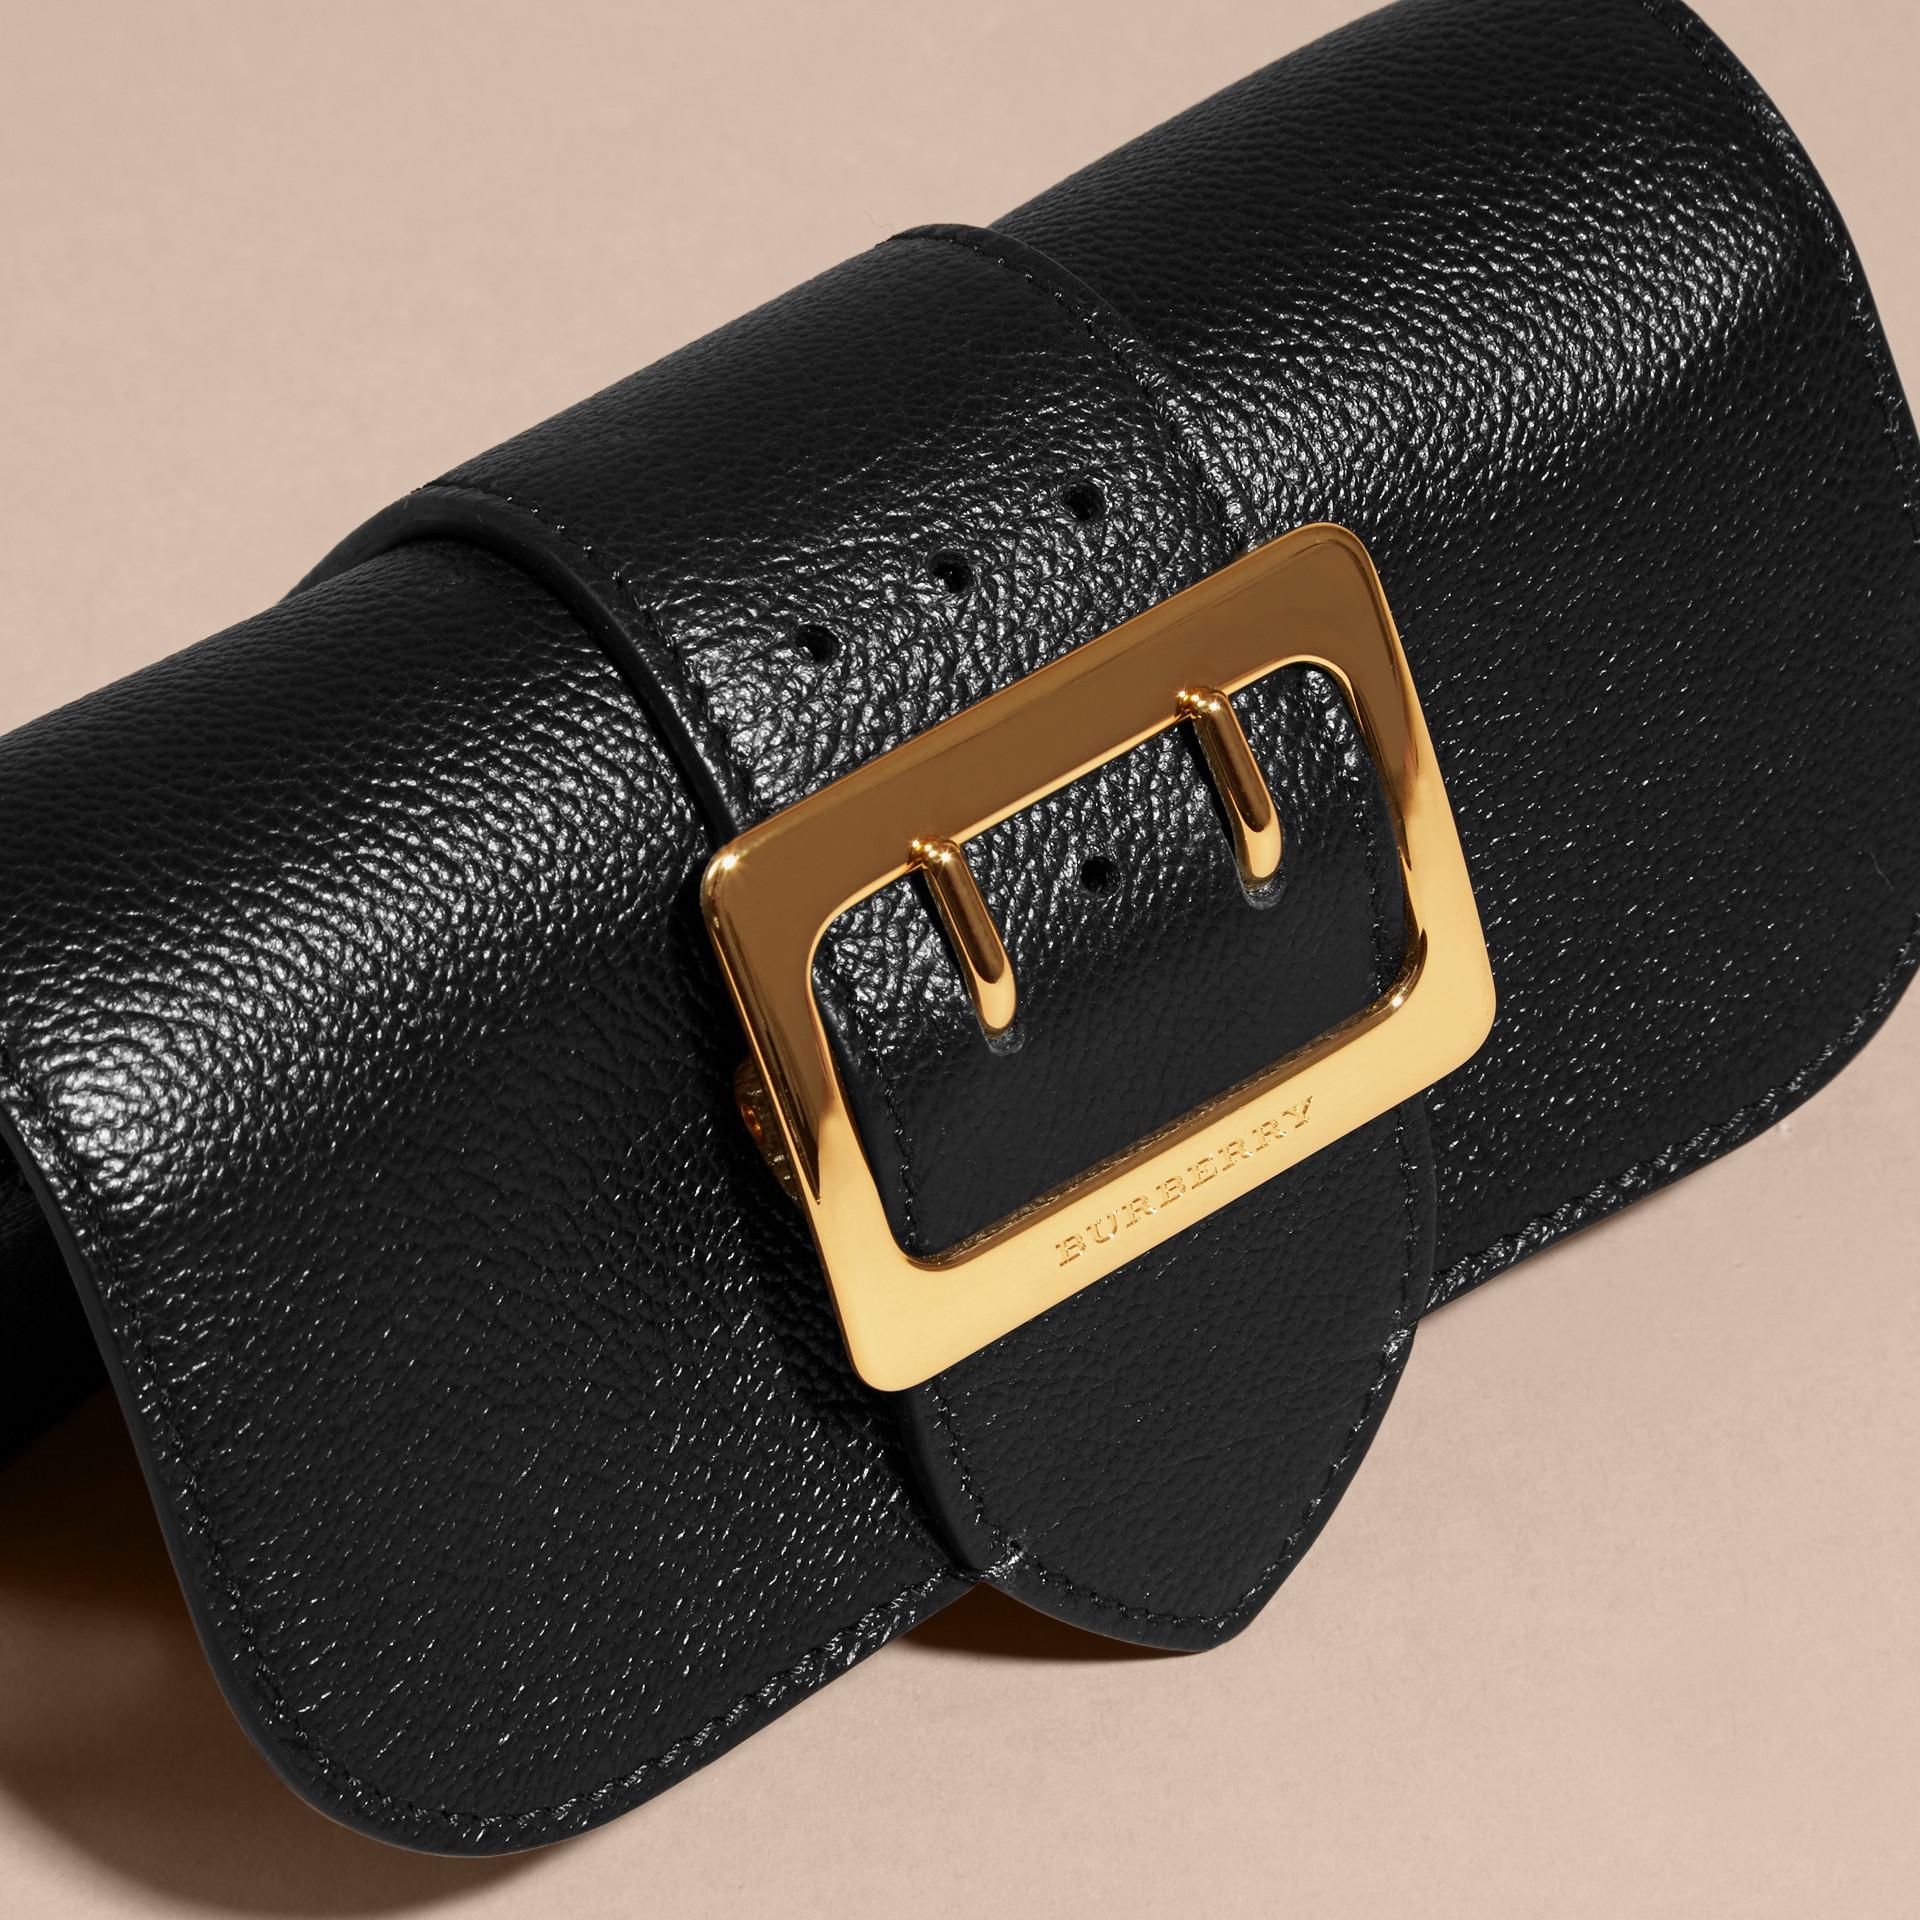 Mini sac The Buckle en cuir grainé Noir - photo de la galerie 2